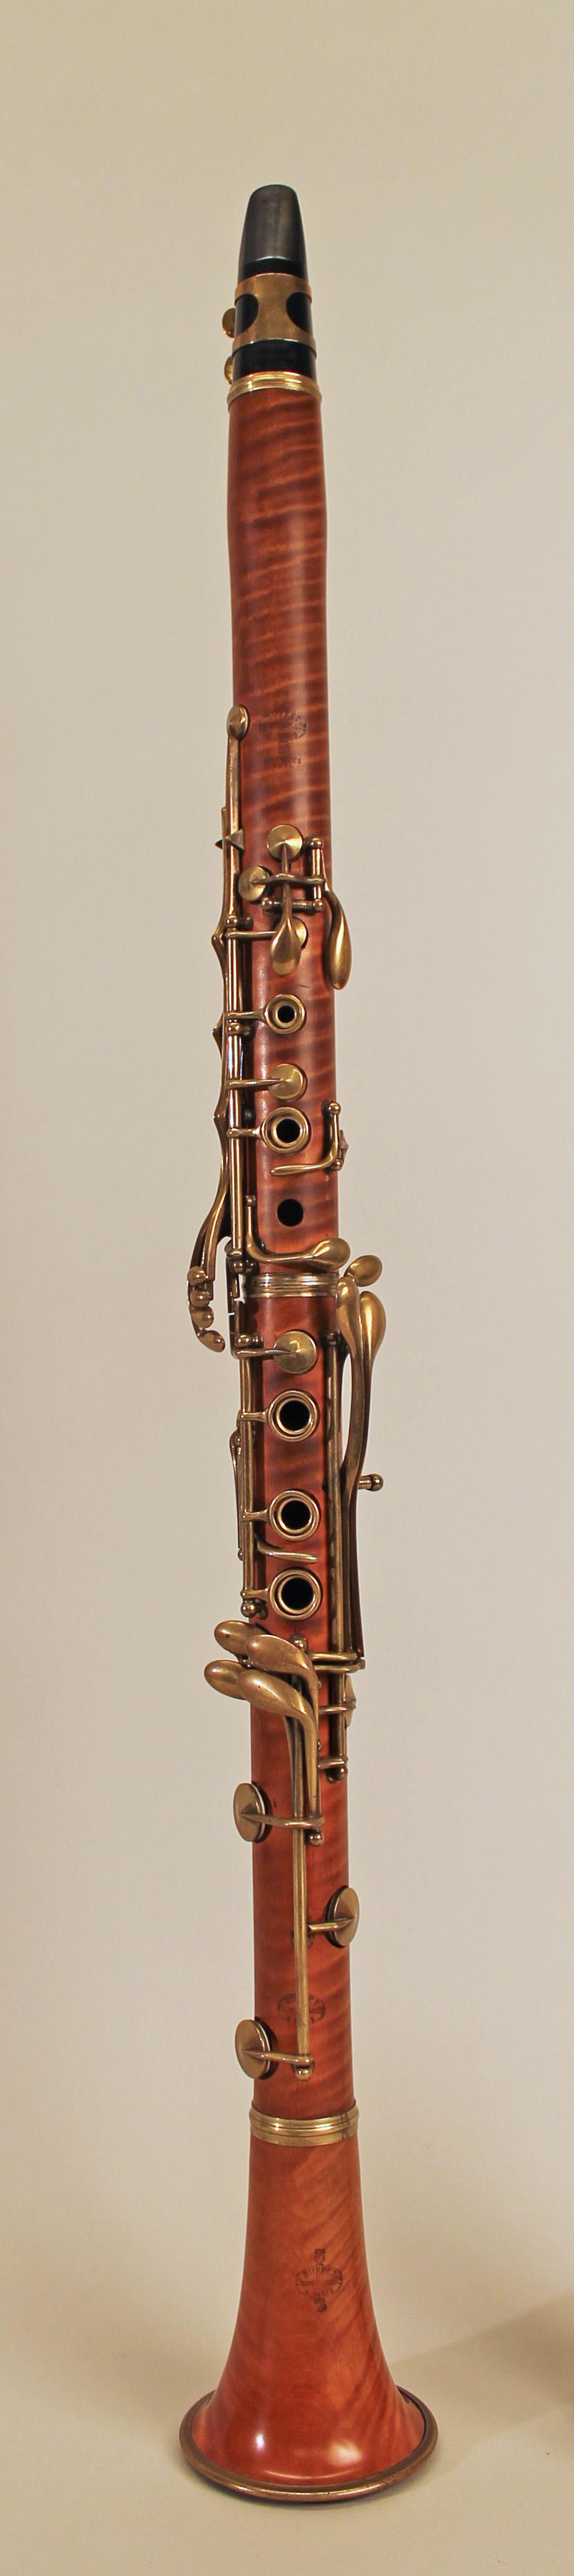 Dating a buffet clarinet barrels